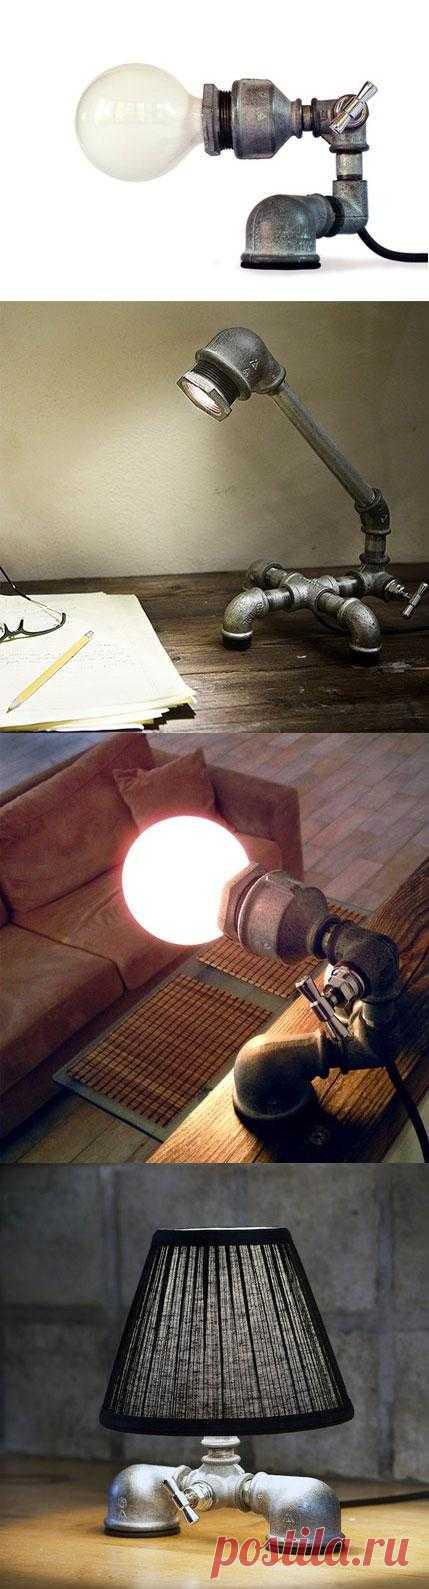 Ищете что-то концептуальное в лофт интерьер? Или хотите создать филосовский подтекст в офисе нефтяной компании? Воспользуйтесь идеей и пусть все знают, что будет если перекрыть кран!